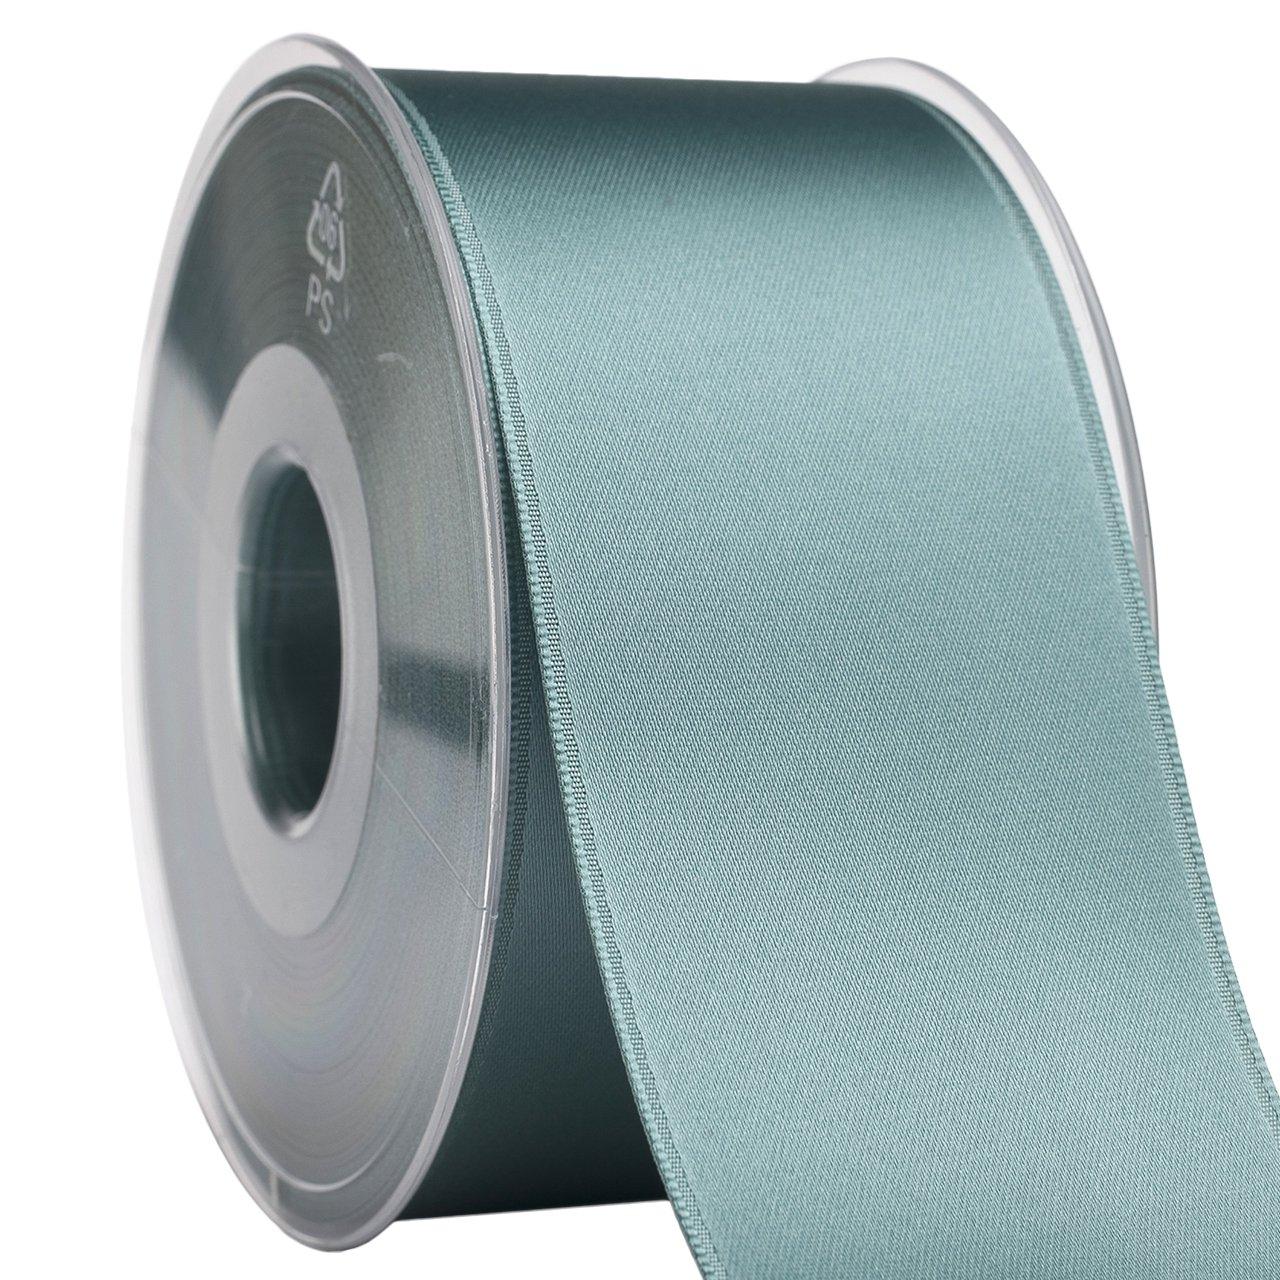 035 スイスサテン 03550/25-788 ファブリック リボン、5.08cm x 68.58m、ブルーヘイズ   B079NWRT4Q